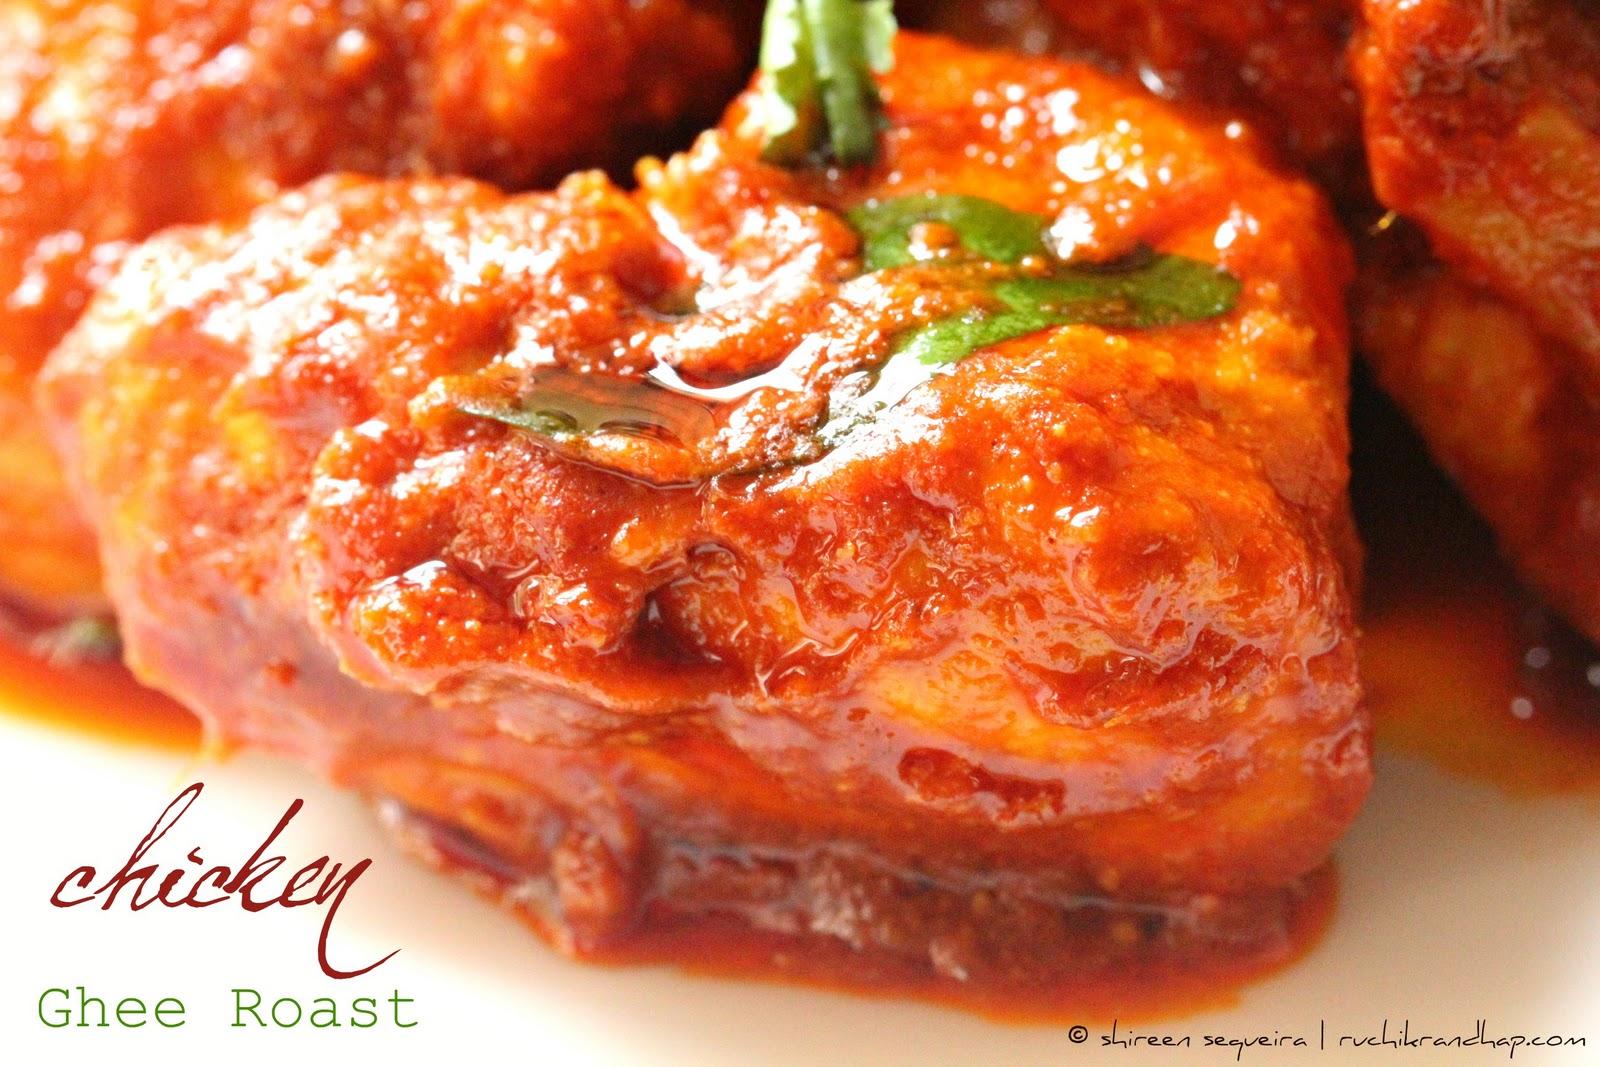 Chicken Ghee Roast Hebbar S Kitchen